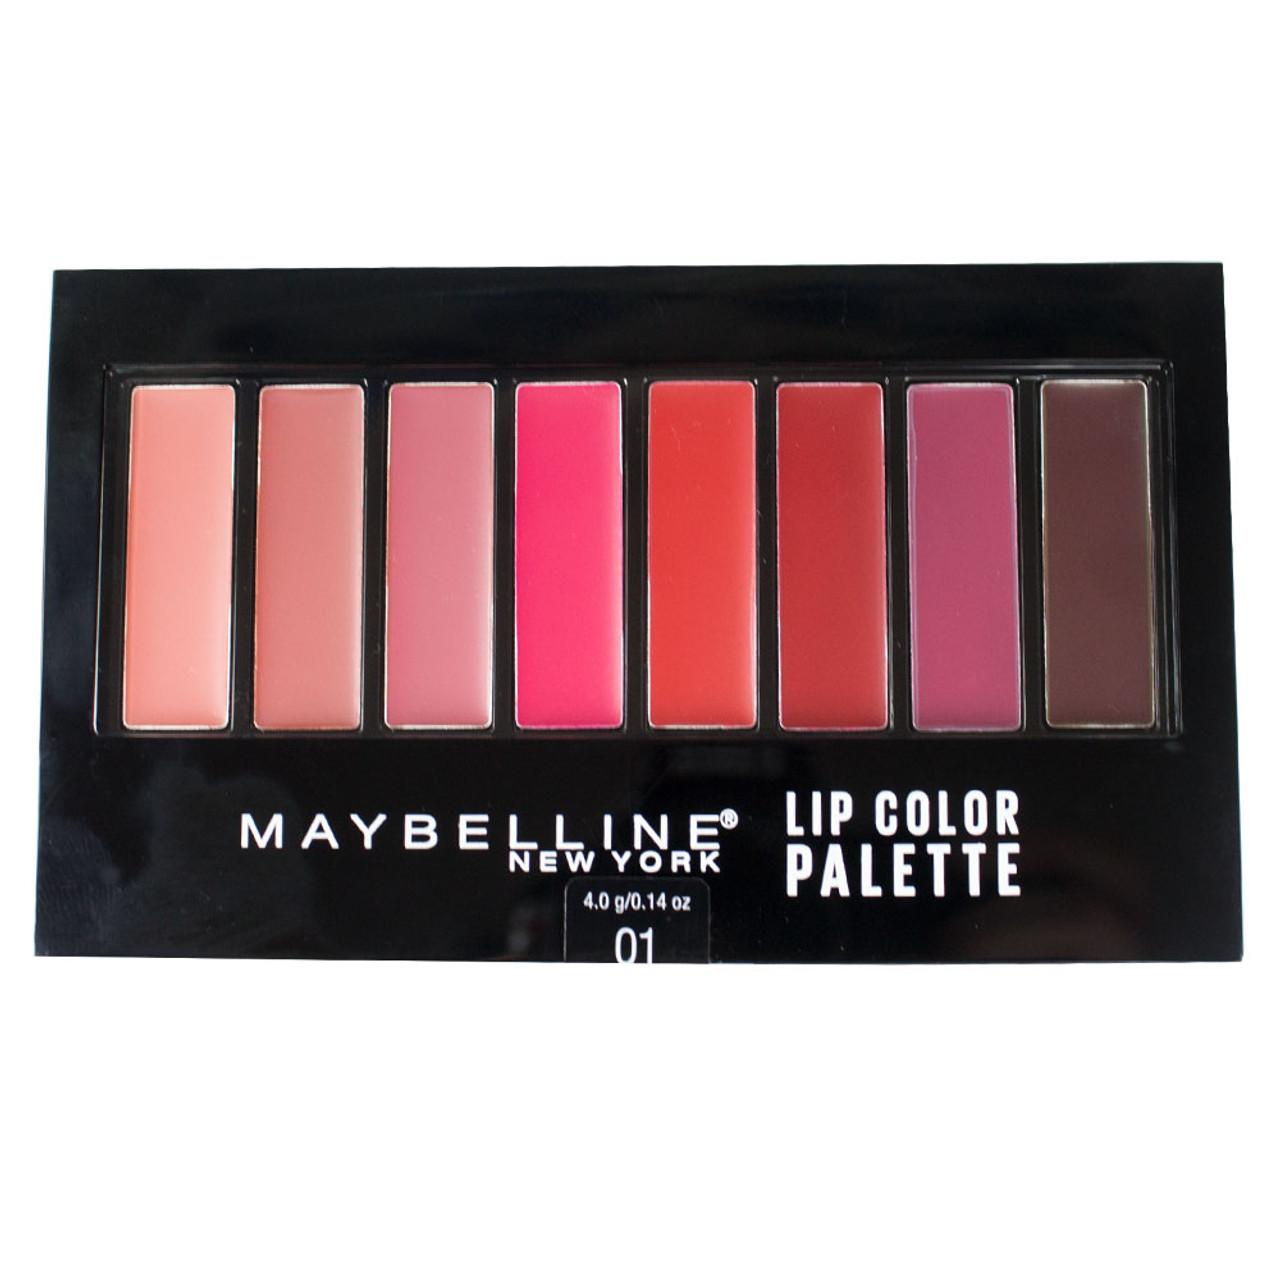 Remarkable Maybelline Lip Color Palette Maybelline Lip Color Palette Red Color Palette Ideas Red Color Palette Hex inspiration Red Color Palette